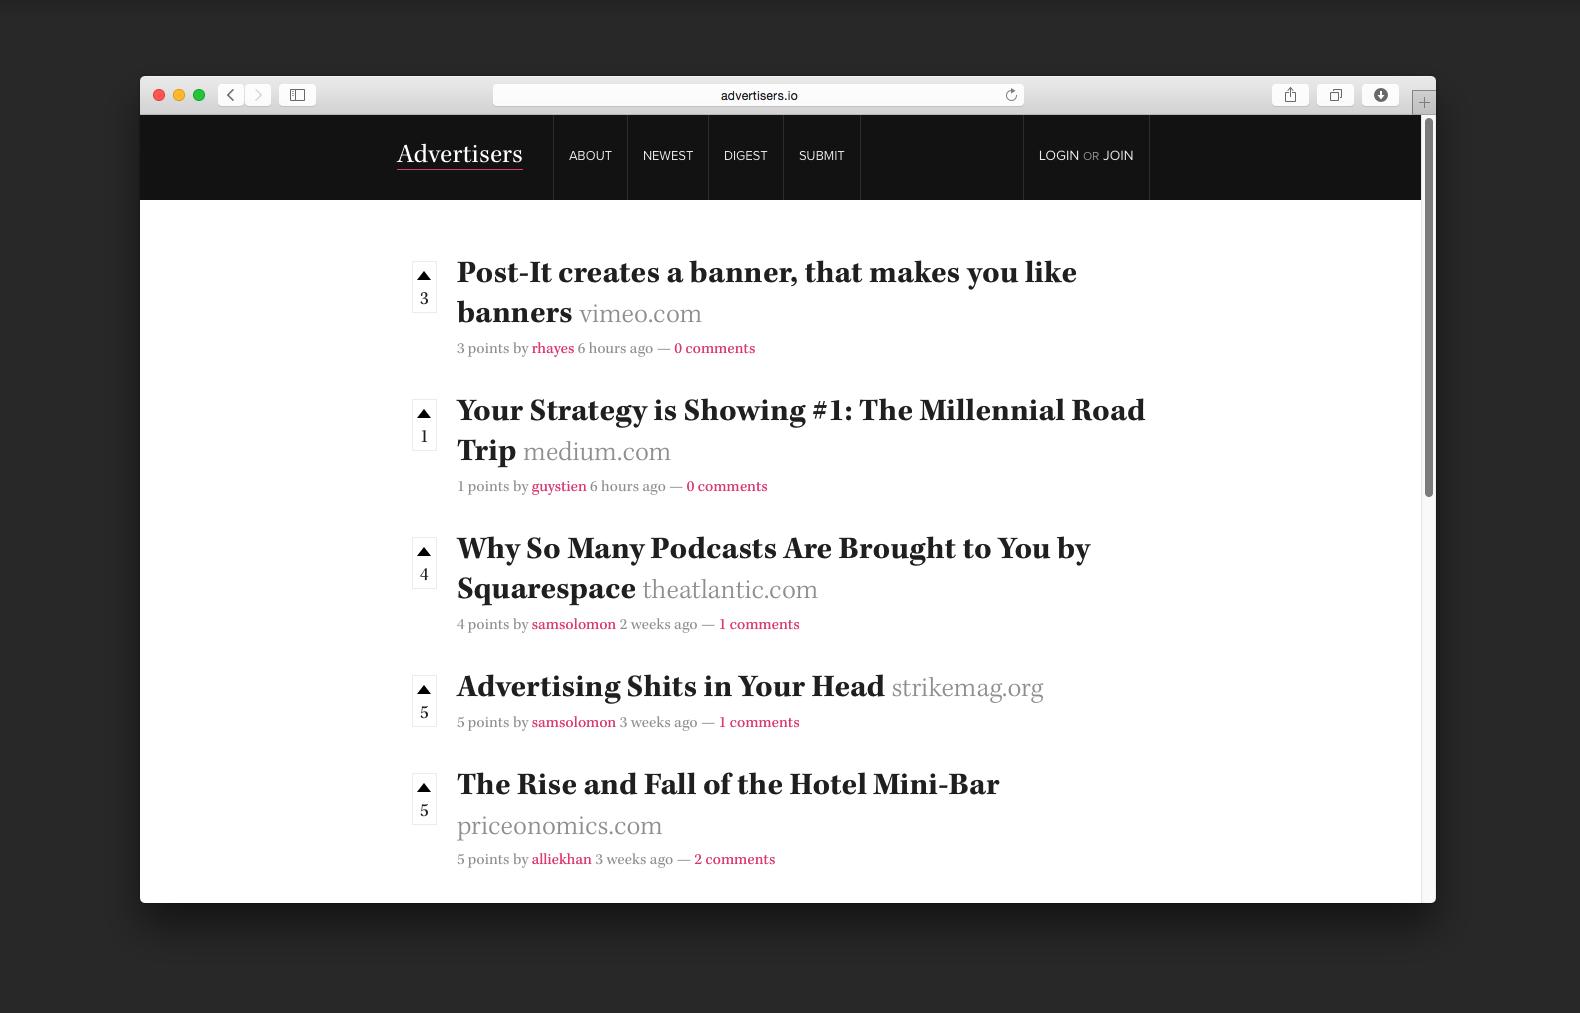 Advertisers Homepage